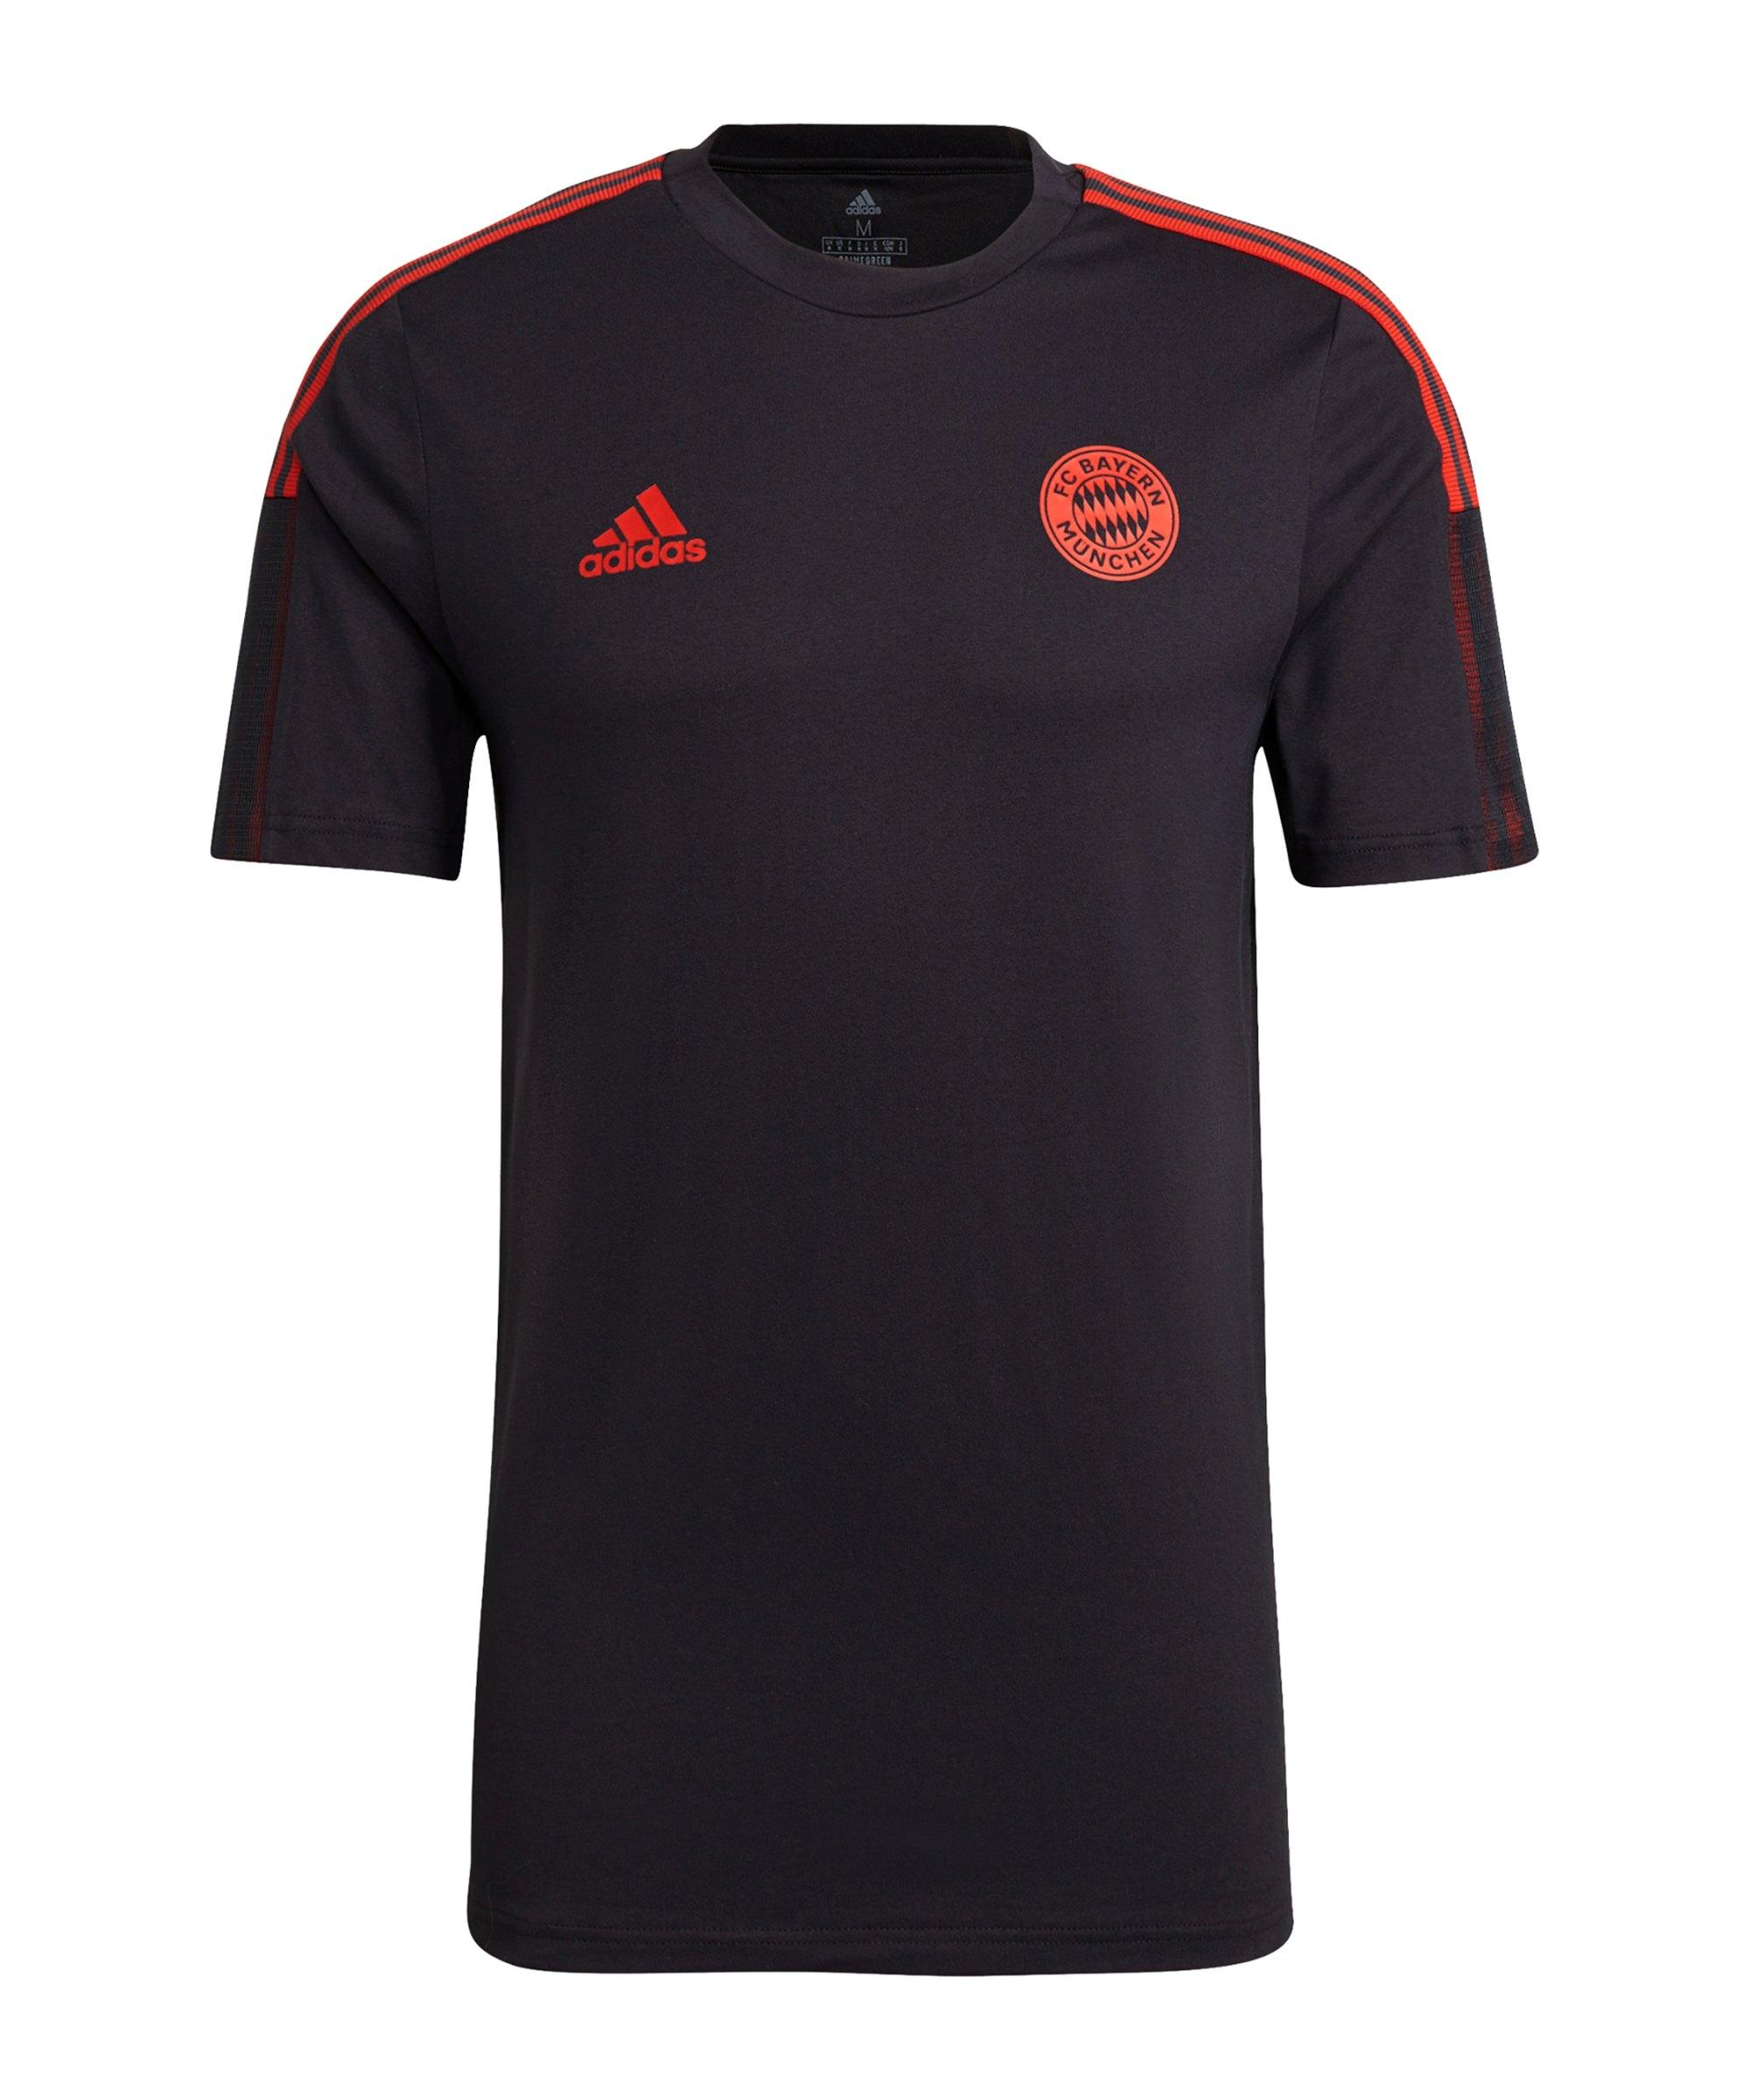 adidas FC Bayern München Trainingsshirt Grau - grau